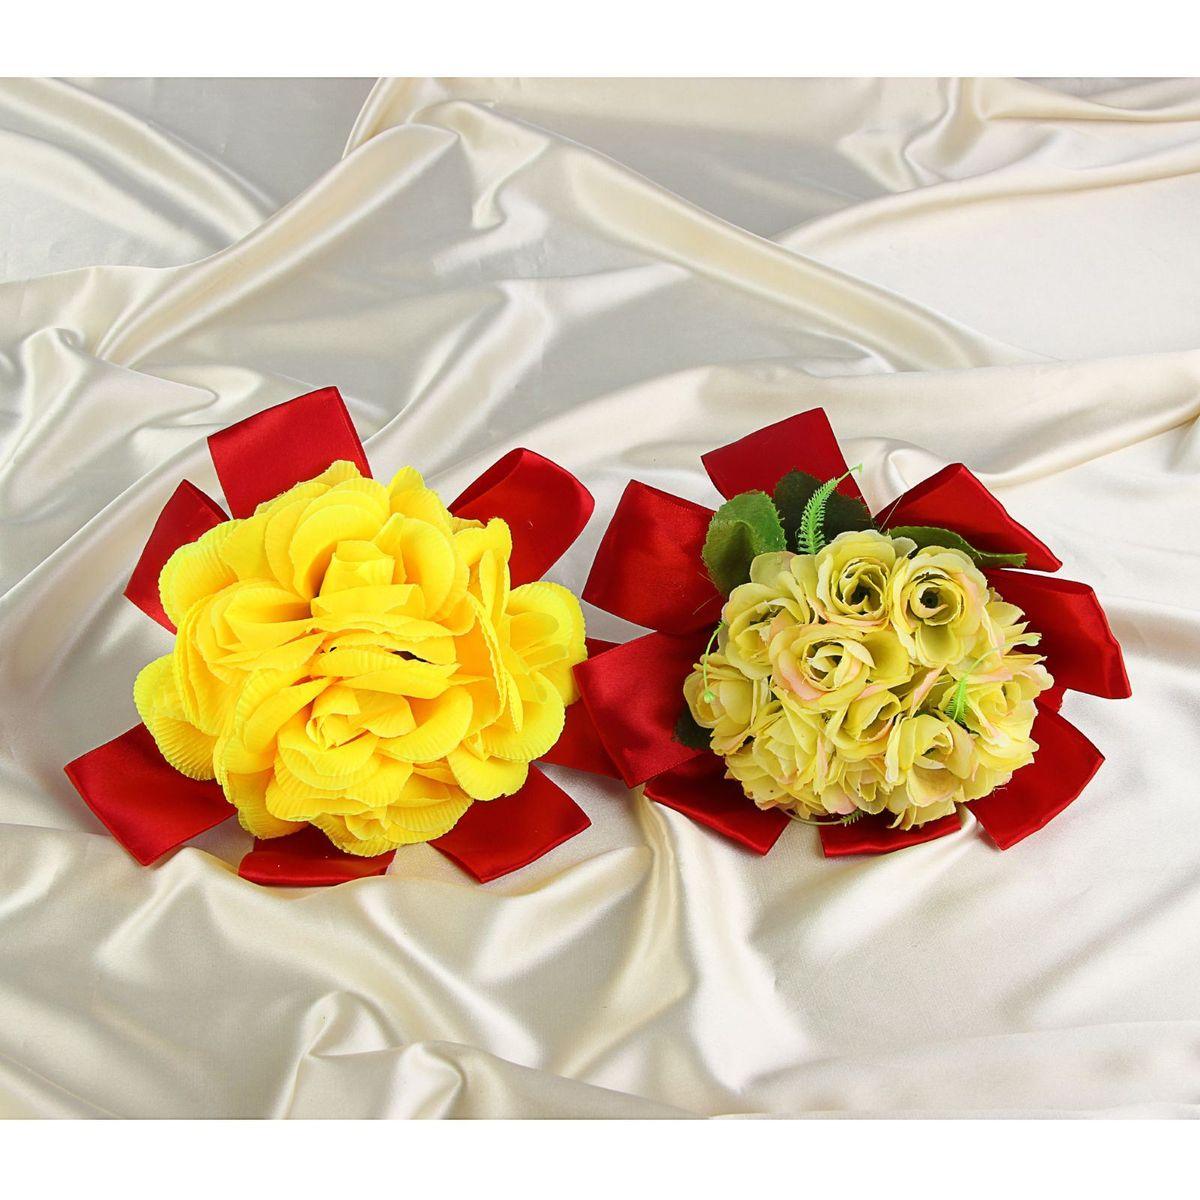 Букет-дублер Sima-land, цвет: желтый, красный. 12511641251164Добавьте в интерьер частичку весны! Дублер букета невесты из желтых цветов в красном оформлении микс будет радовать неувядающей красотой не один год. Просто поставьте его в вазу или создайте пышную композицию.Искусственные растения не требуют поливки, особого освещения и другого специального ухода. Они украсят любое помещение (например, ванную с повышенной влажностью или затемнённый коридор).Дом становится уютным благодаря мелочам. Преобразите интерьер, а вместе с ним улучшится и настроение